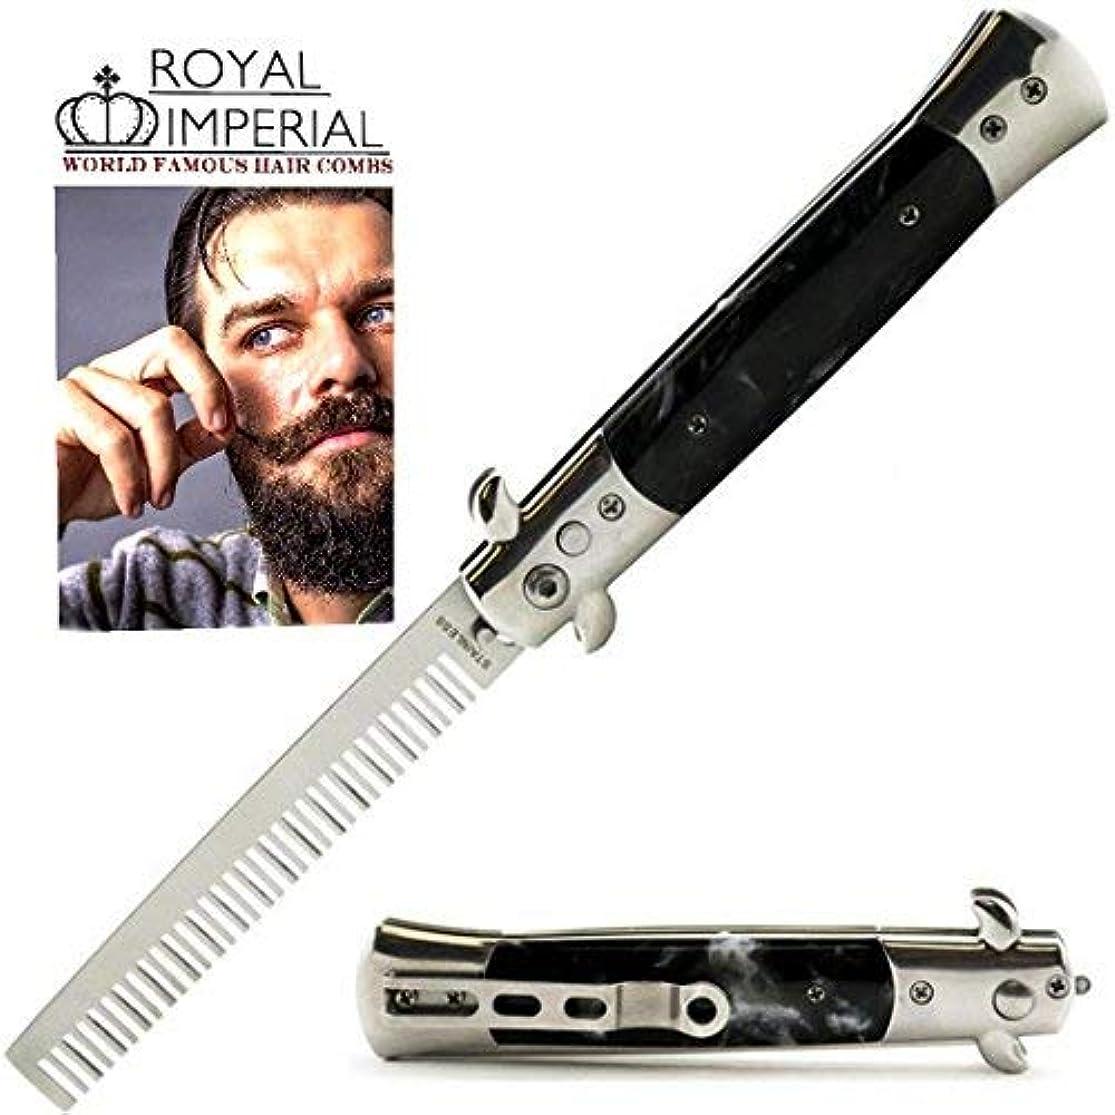 参照するレコーダー心理学Royal Imperial Metal Switchblade Pocket Folding Flick Hair Comb For Beard, Mustache, Head Black Pearl Handle ~...